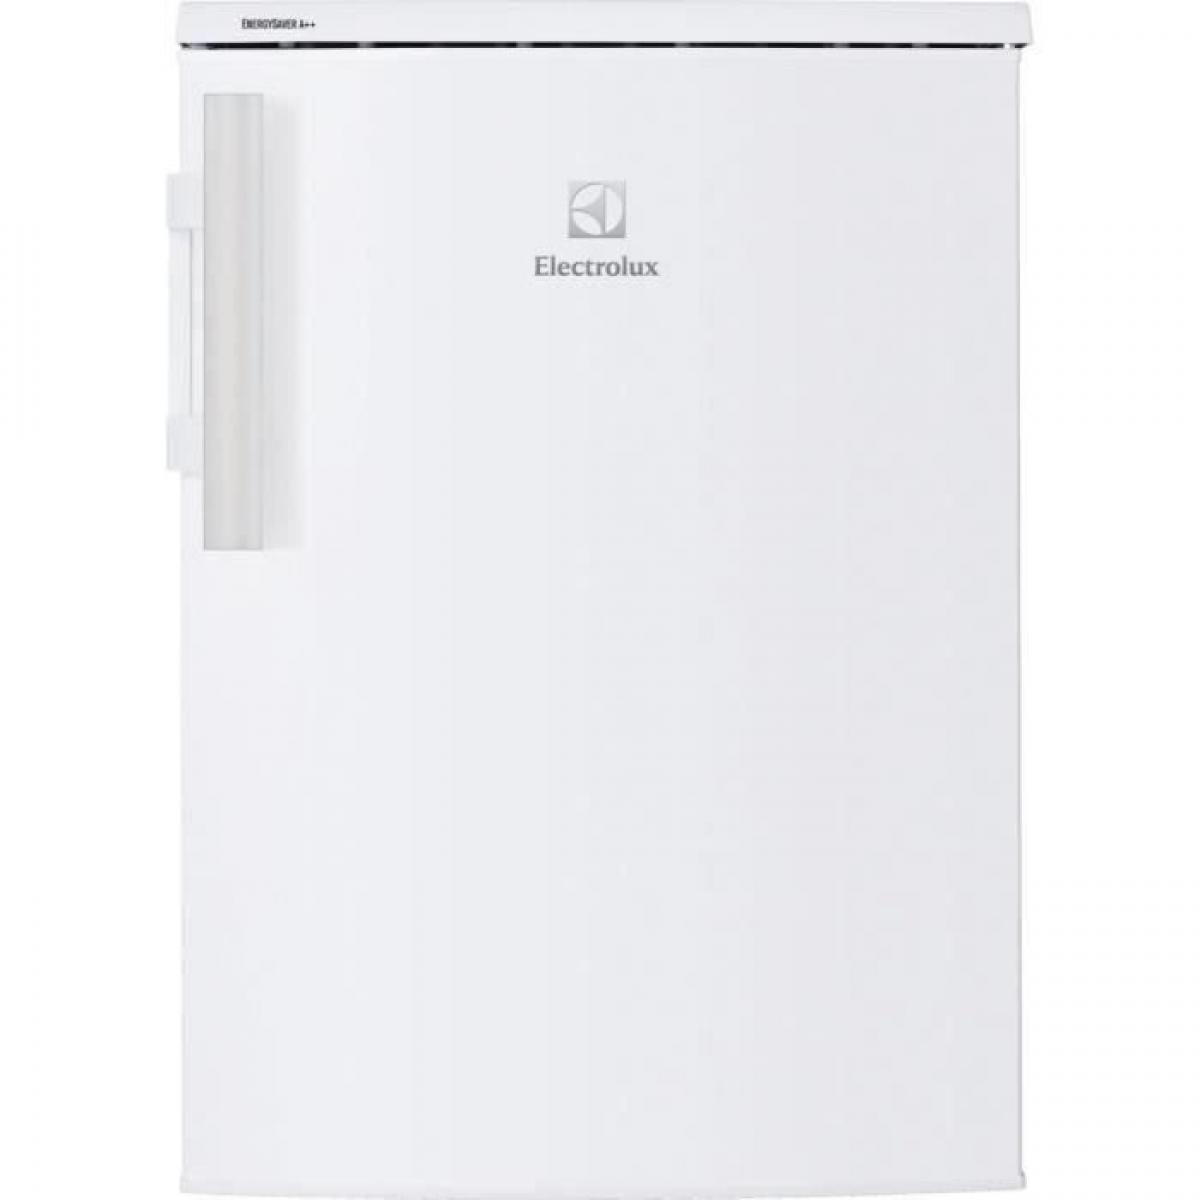 Electrolux Réfrigérateur table top ELECTROLUX, LXB1AE15W0